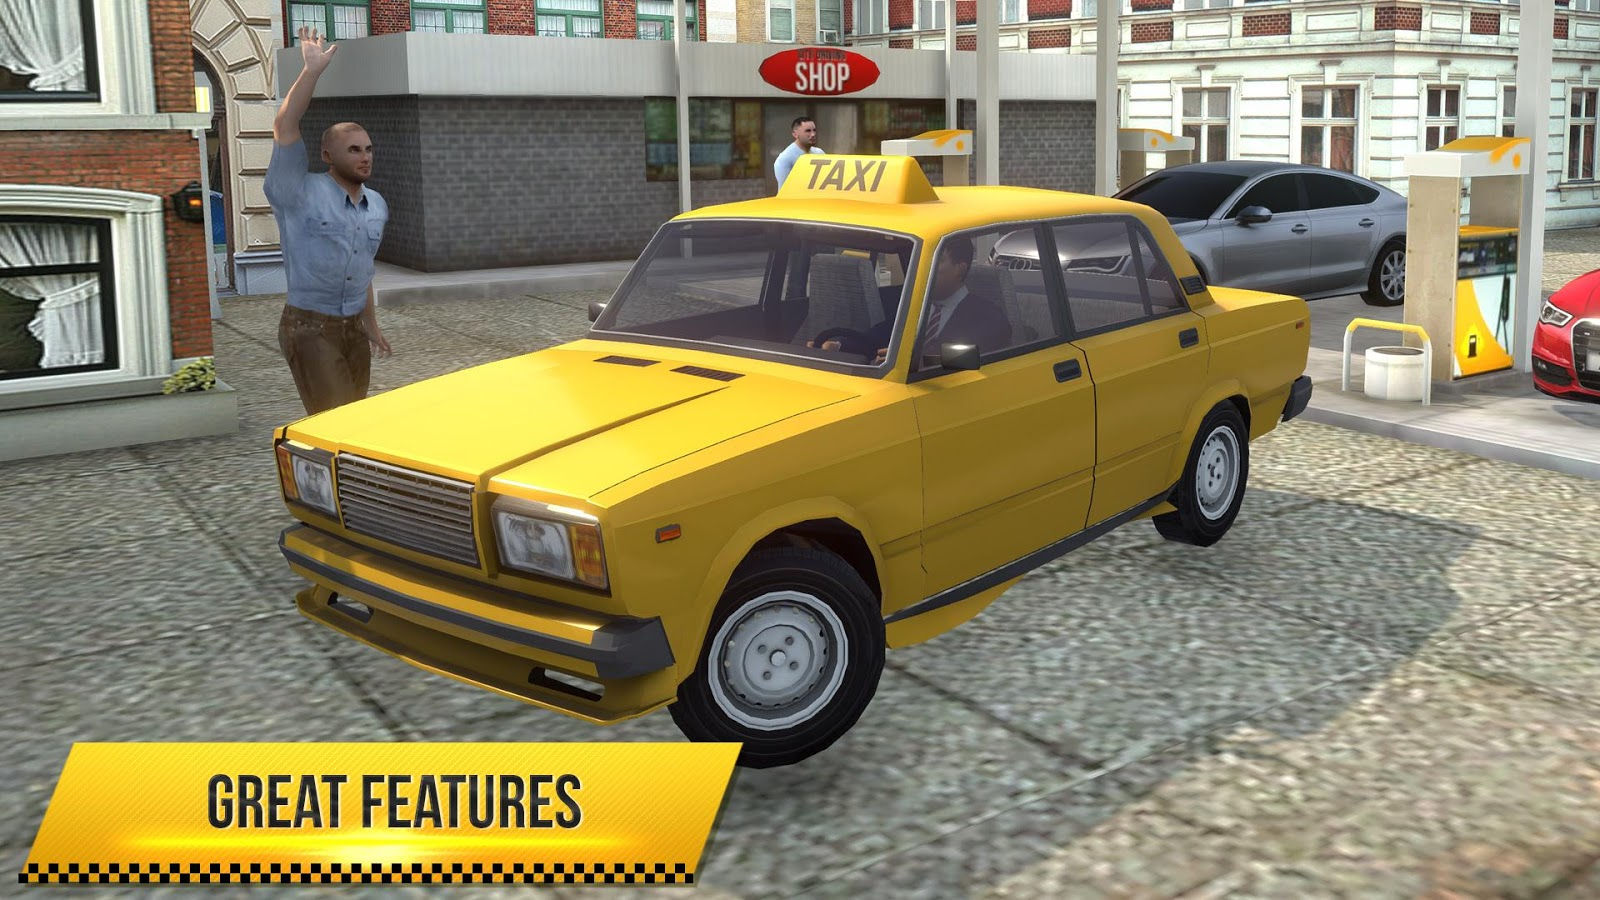 Taxi Simulator 2018 MOD APK